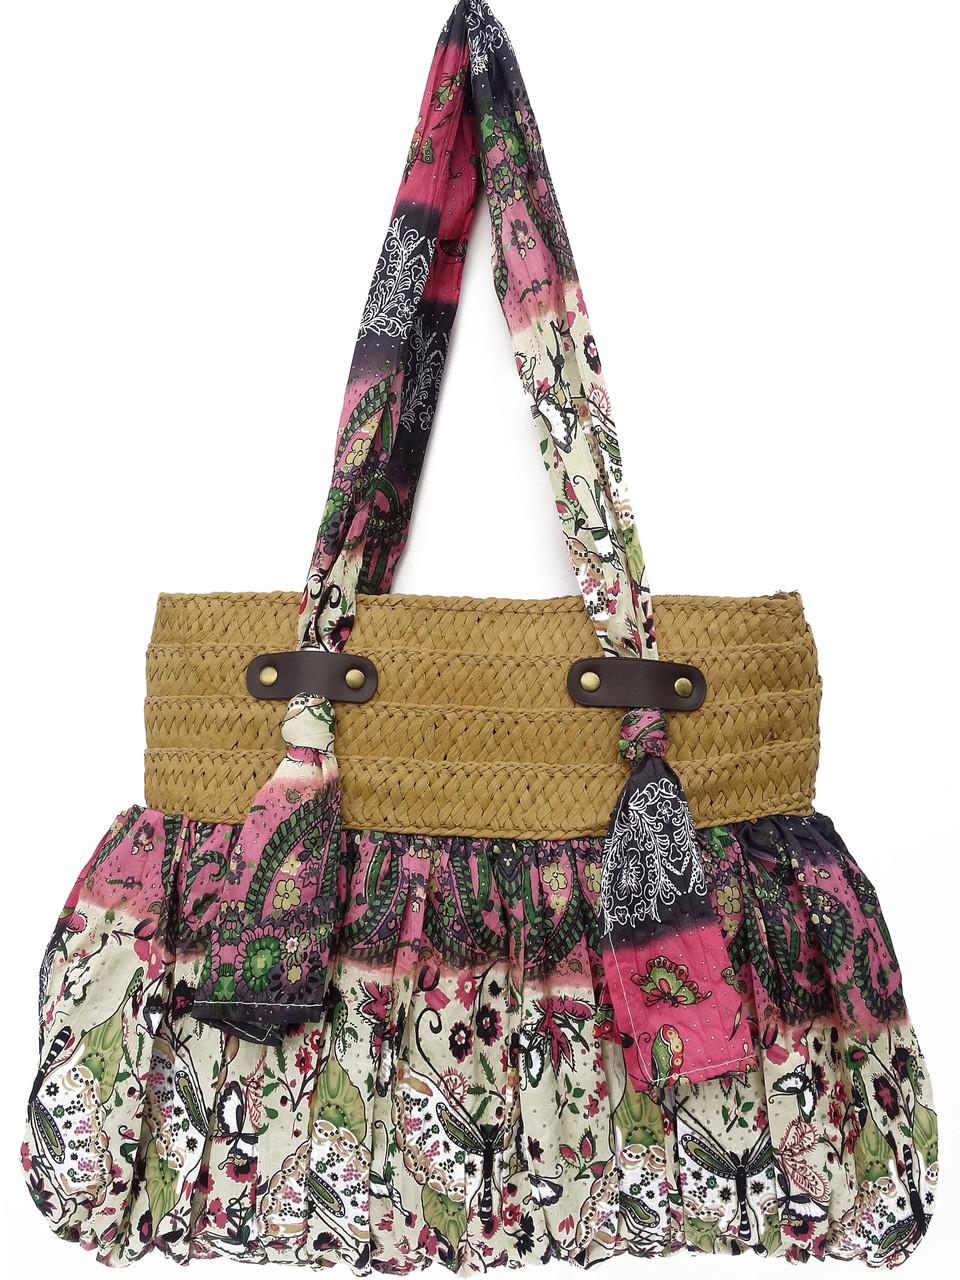 Недорогие женские сумки оптом